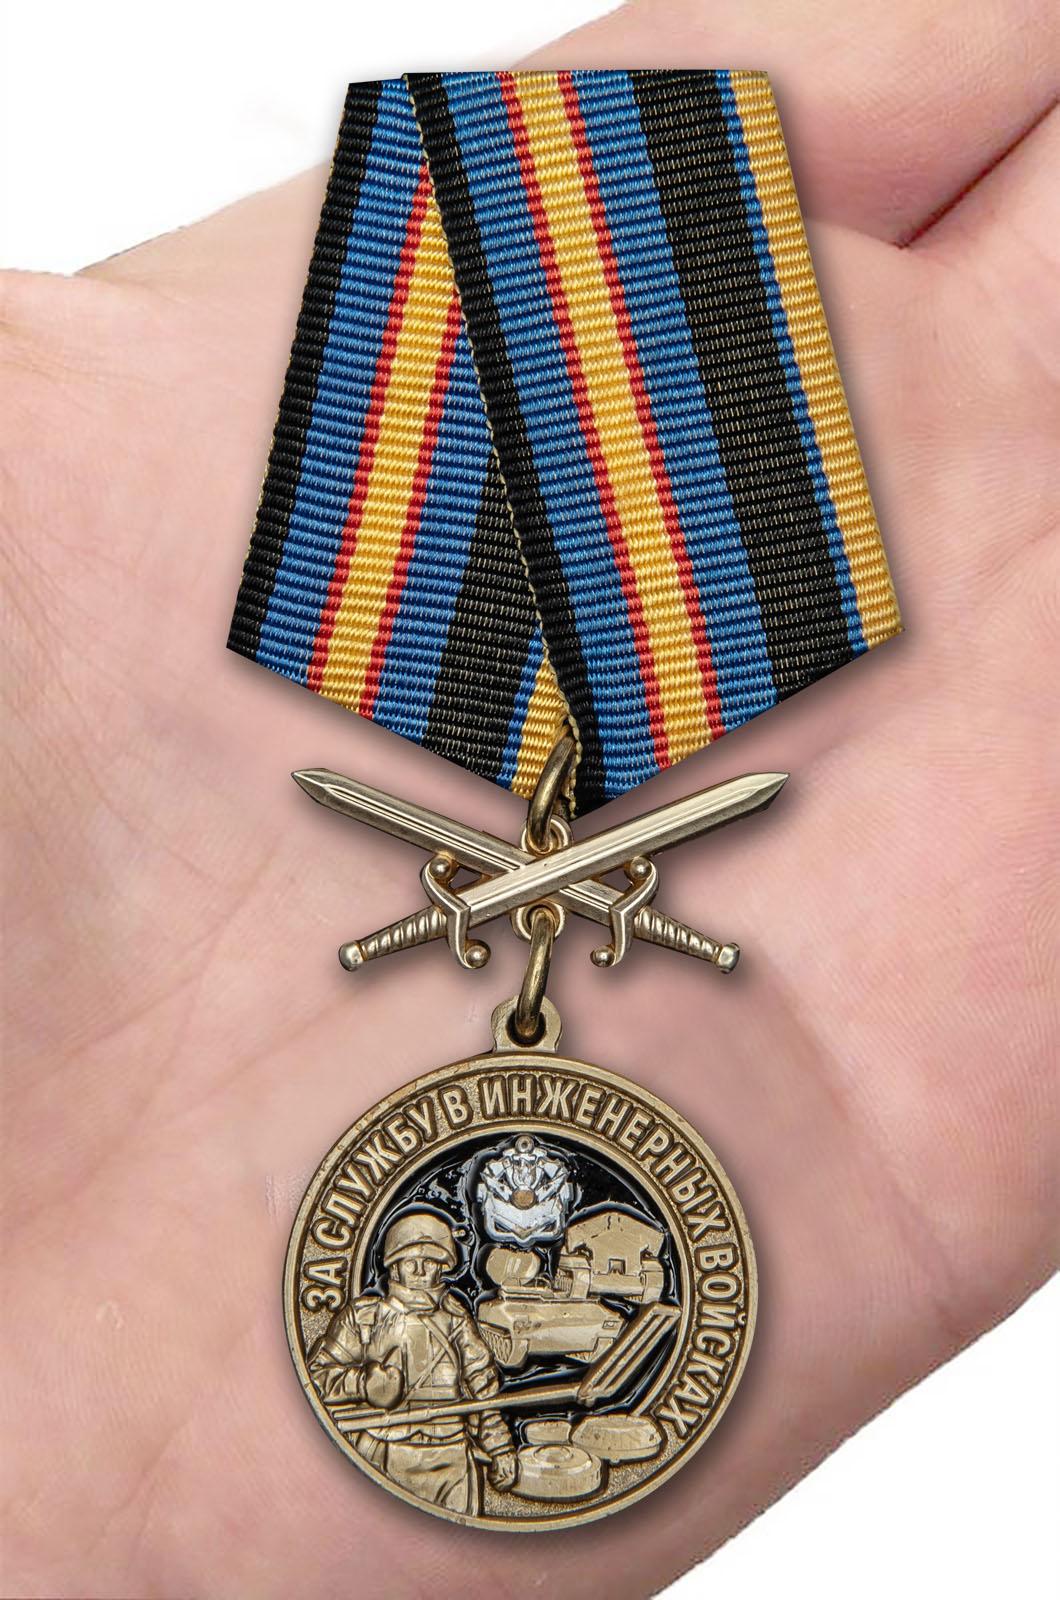 Нагрудная медаль За службу в Инженерных войсках - вид на ладони